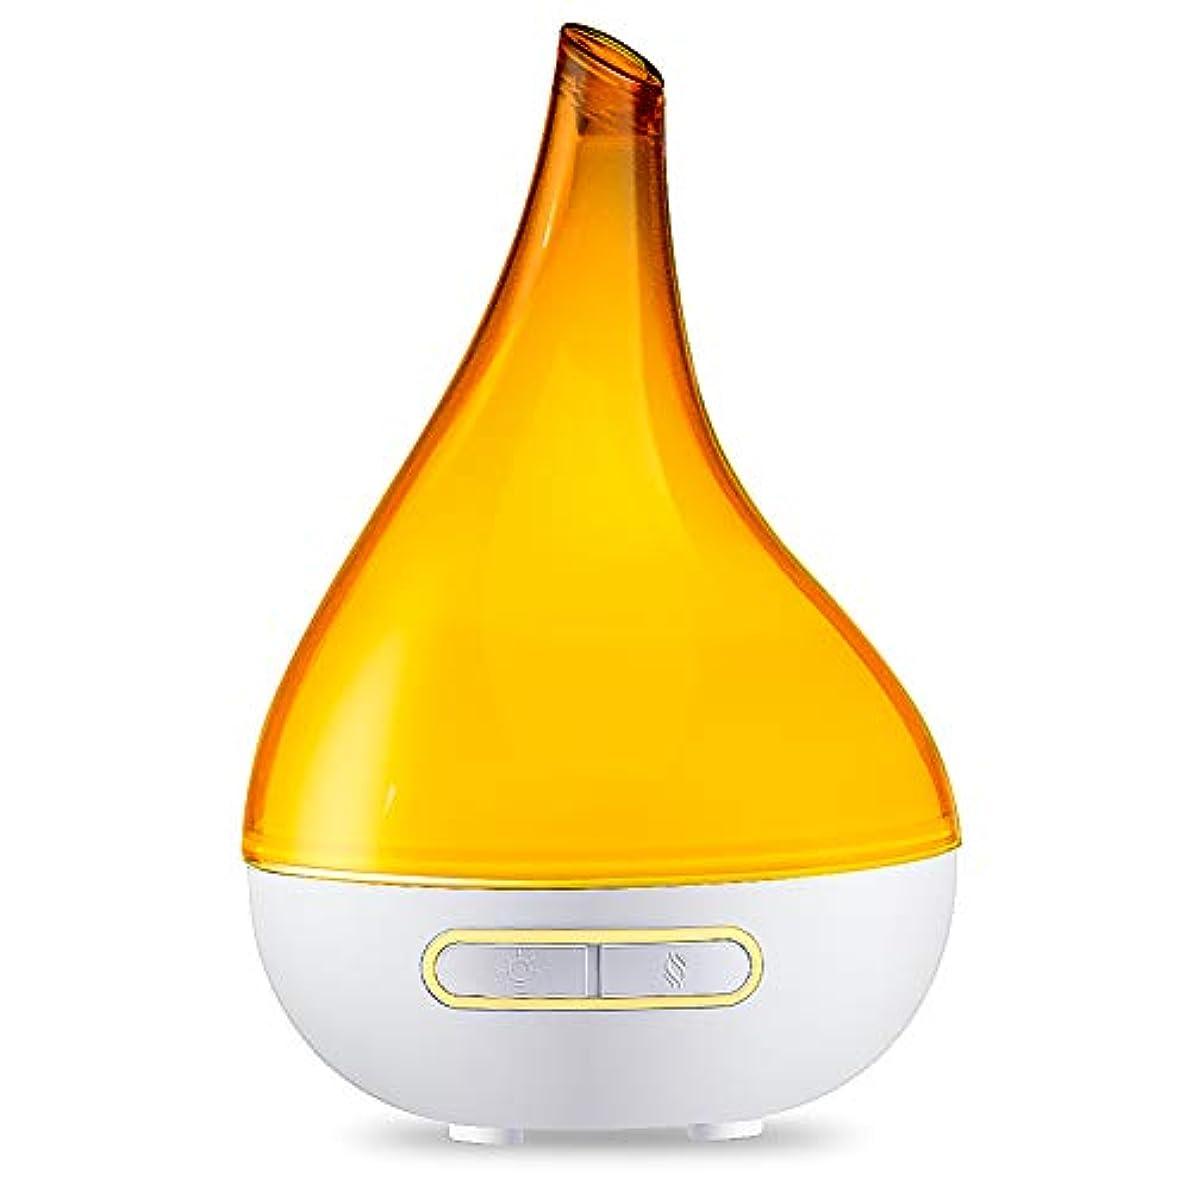 混乱拍手名前で超音波 エッセンシャル オイル ディフューザー 電気 涼しい霧の加湿器 調節可能なミスト付け アロマディフューザー 夜間照明付き 赤ちゃんの家-オレンジ 15x23.7cm